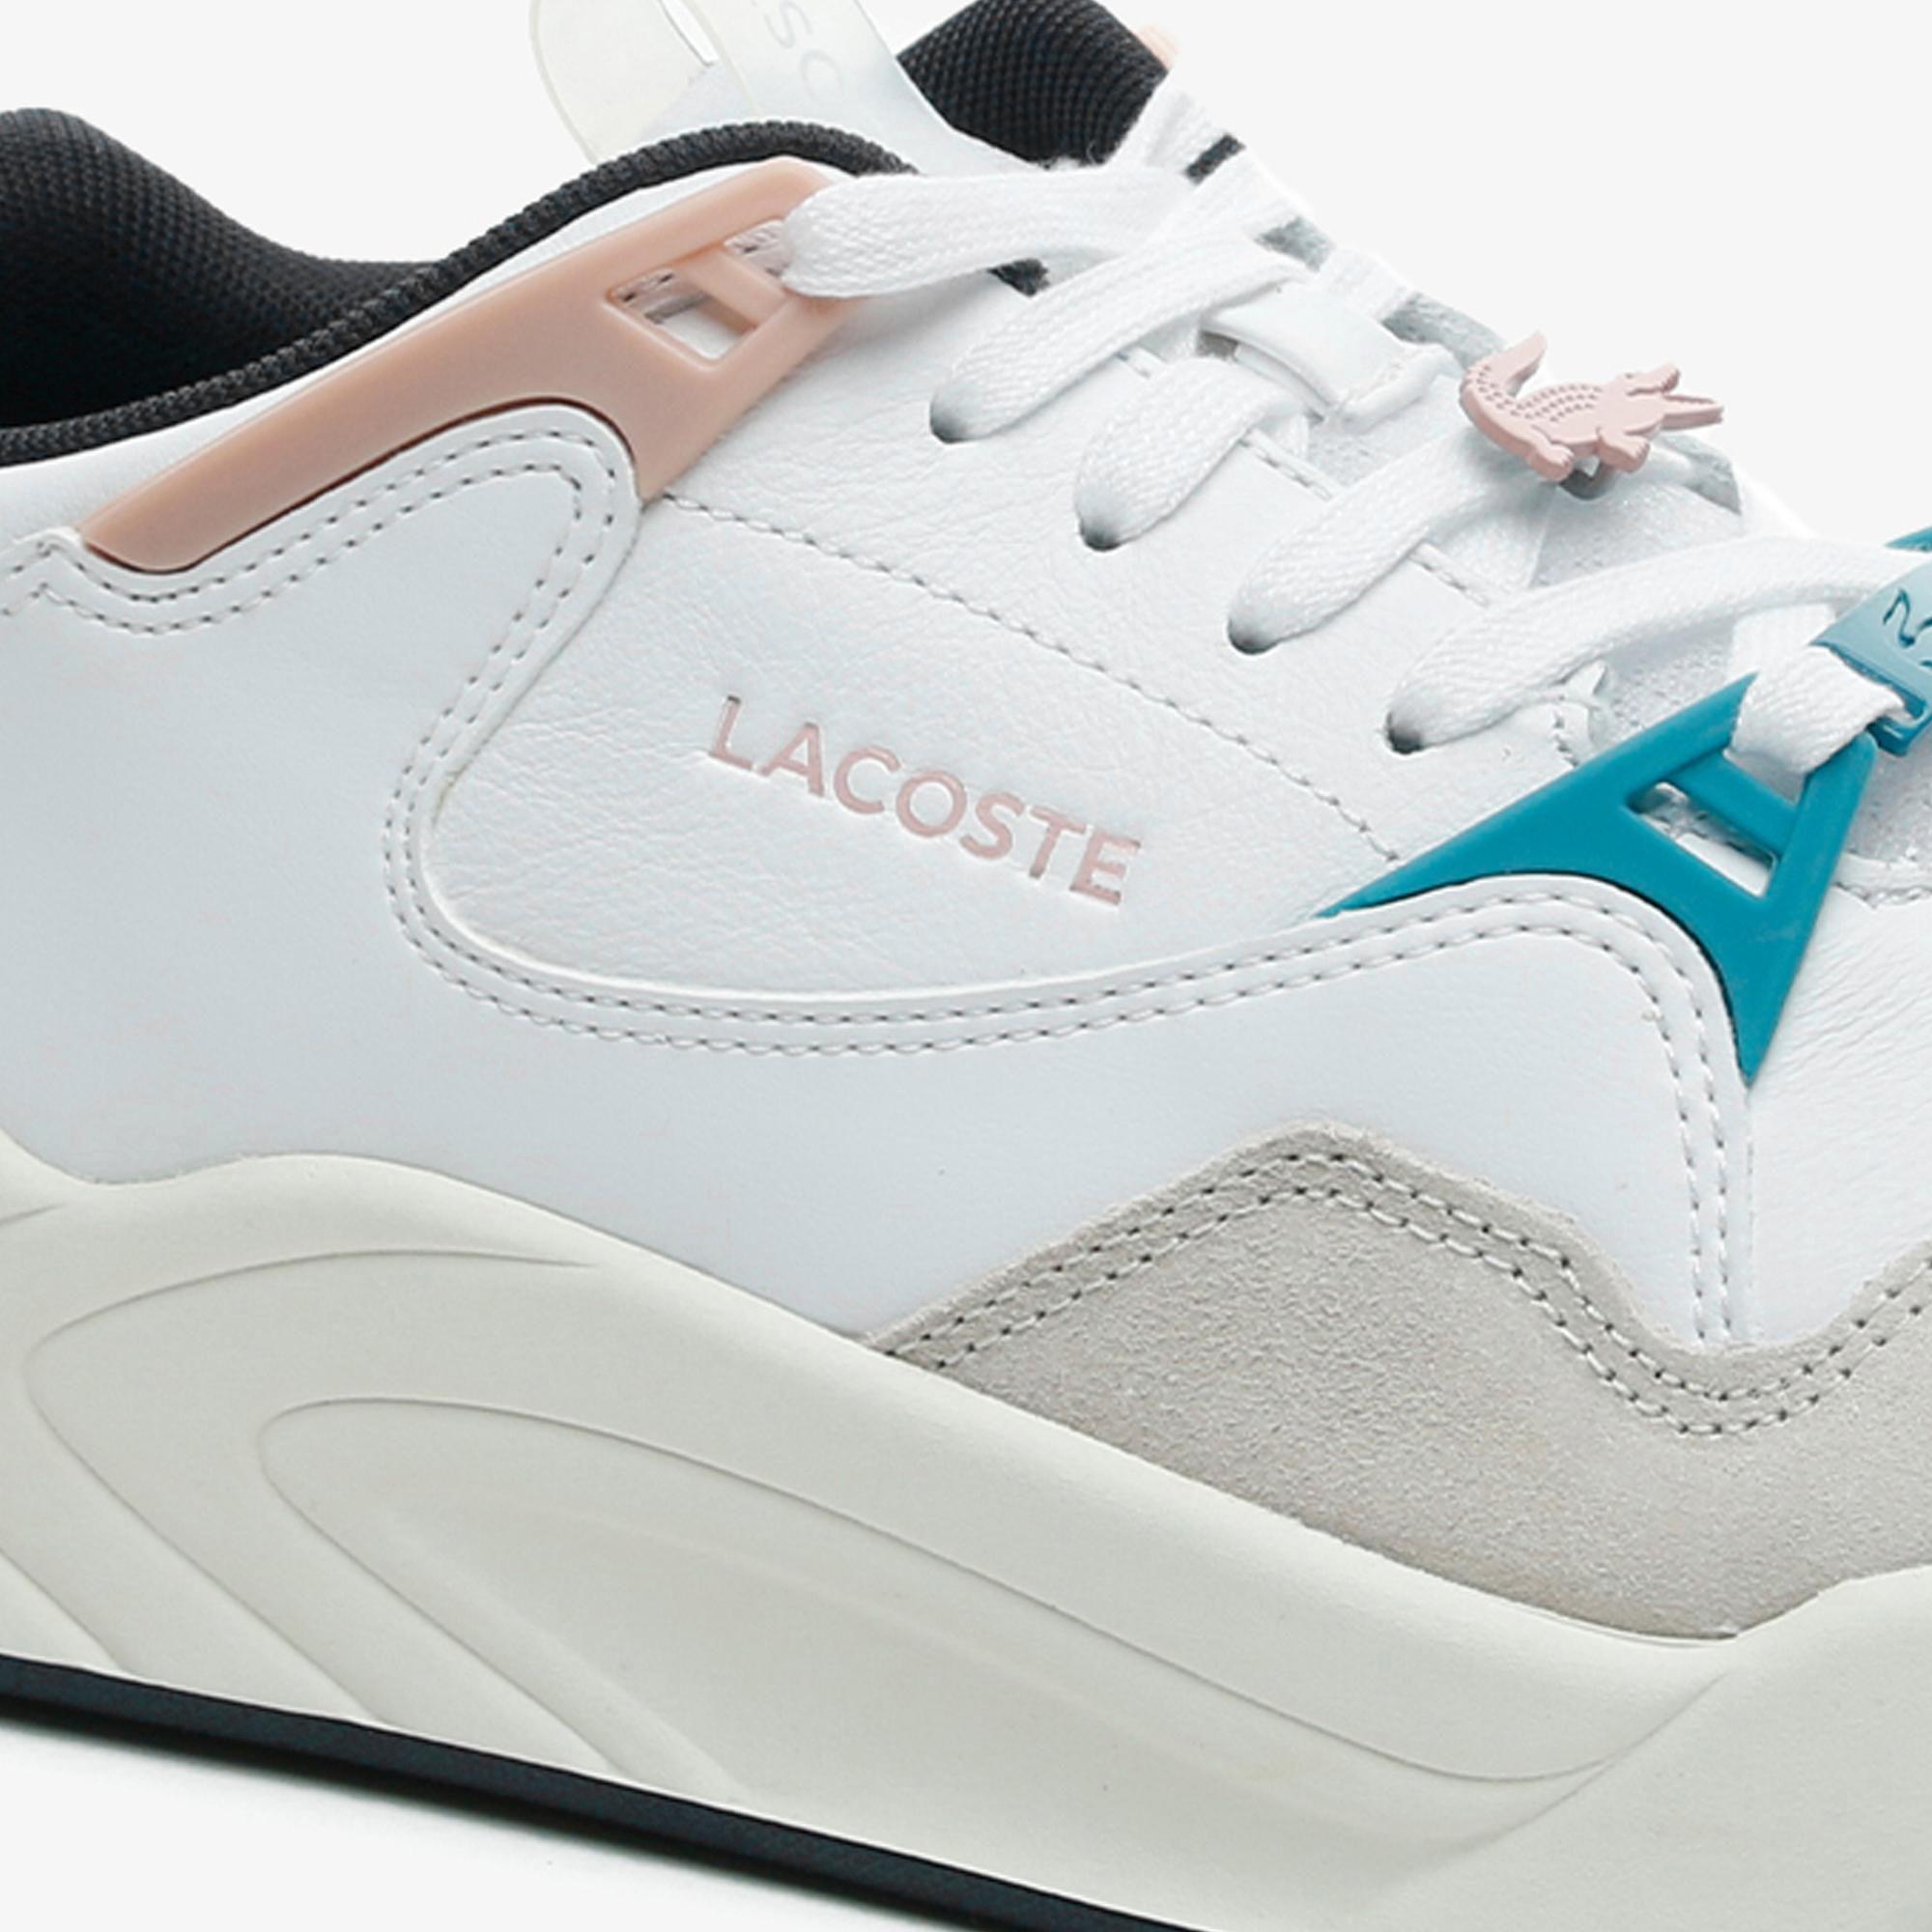 Lacoste Court Slam 0721 3 Sfa Kadın Beyaz - Bej - Açık Pembe Sneaker